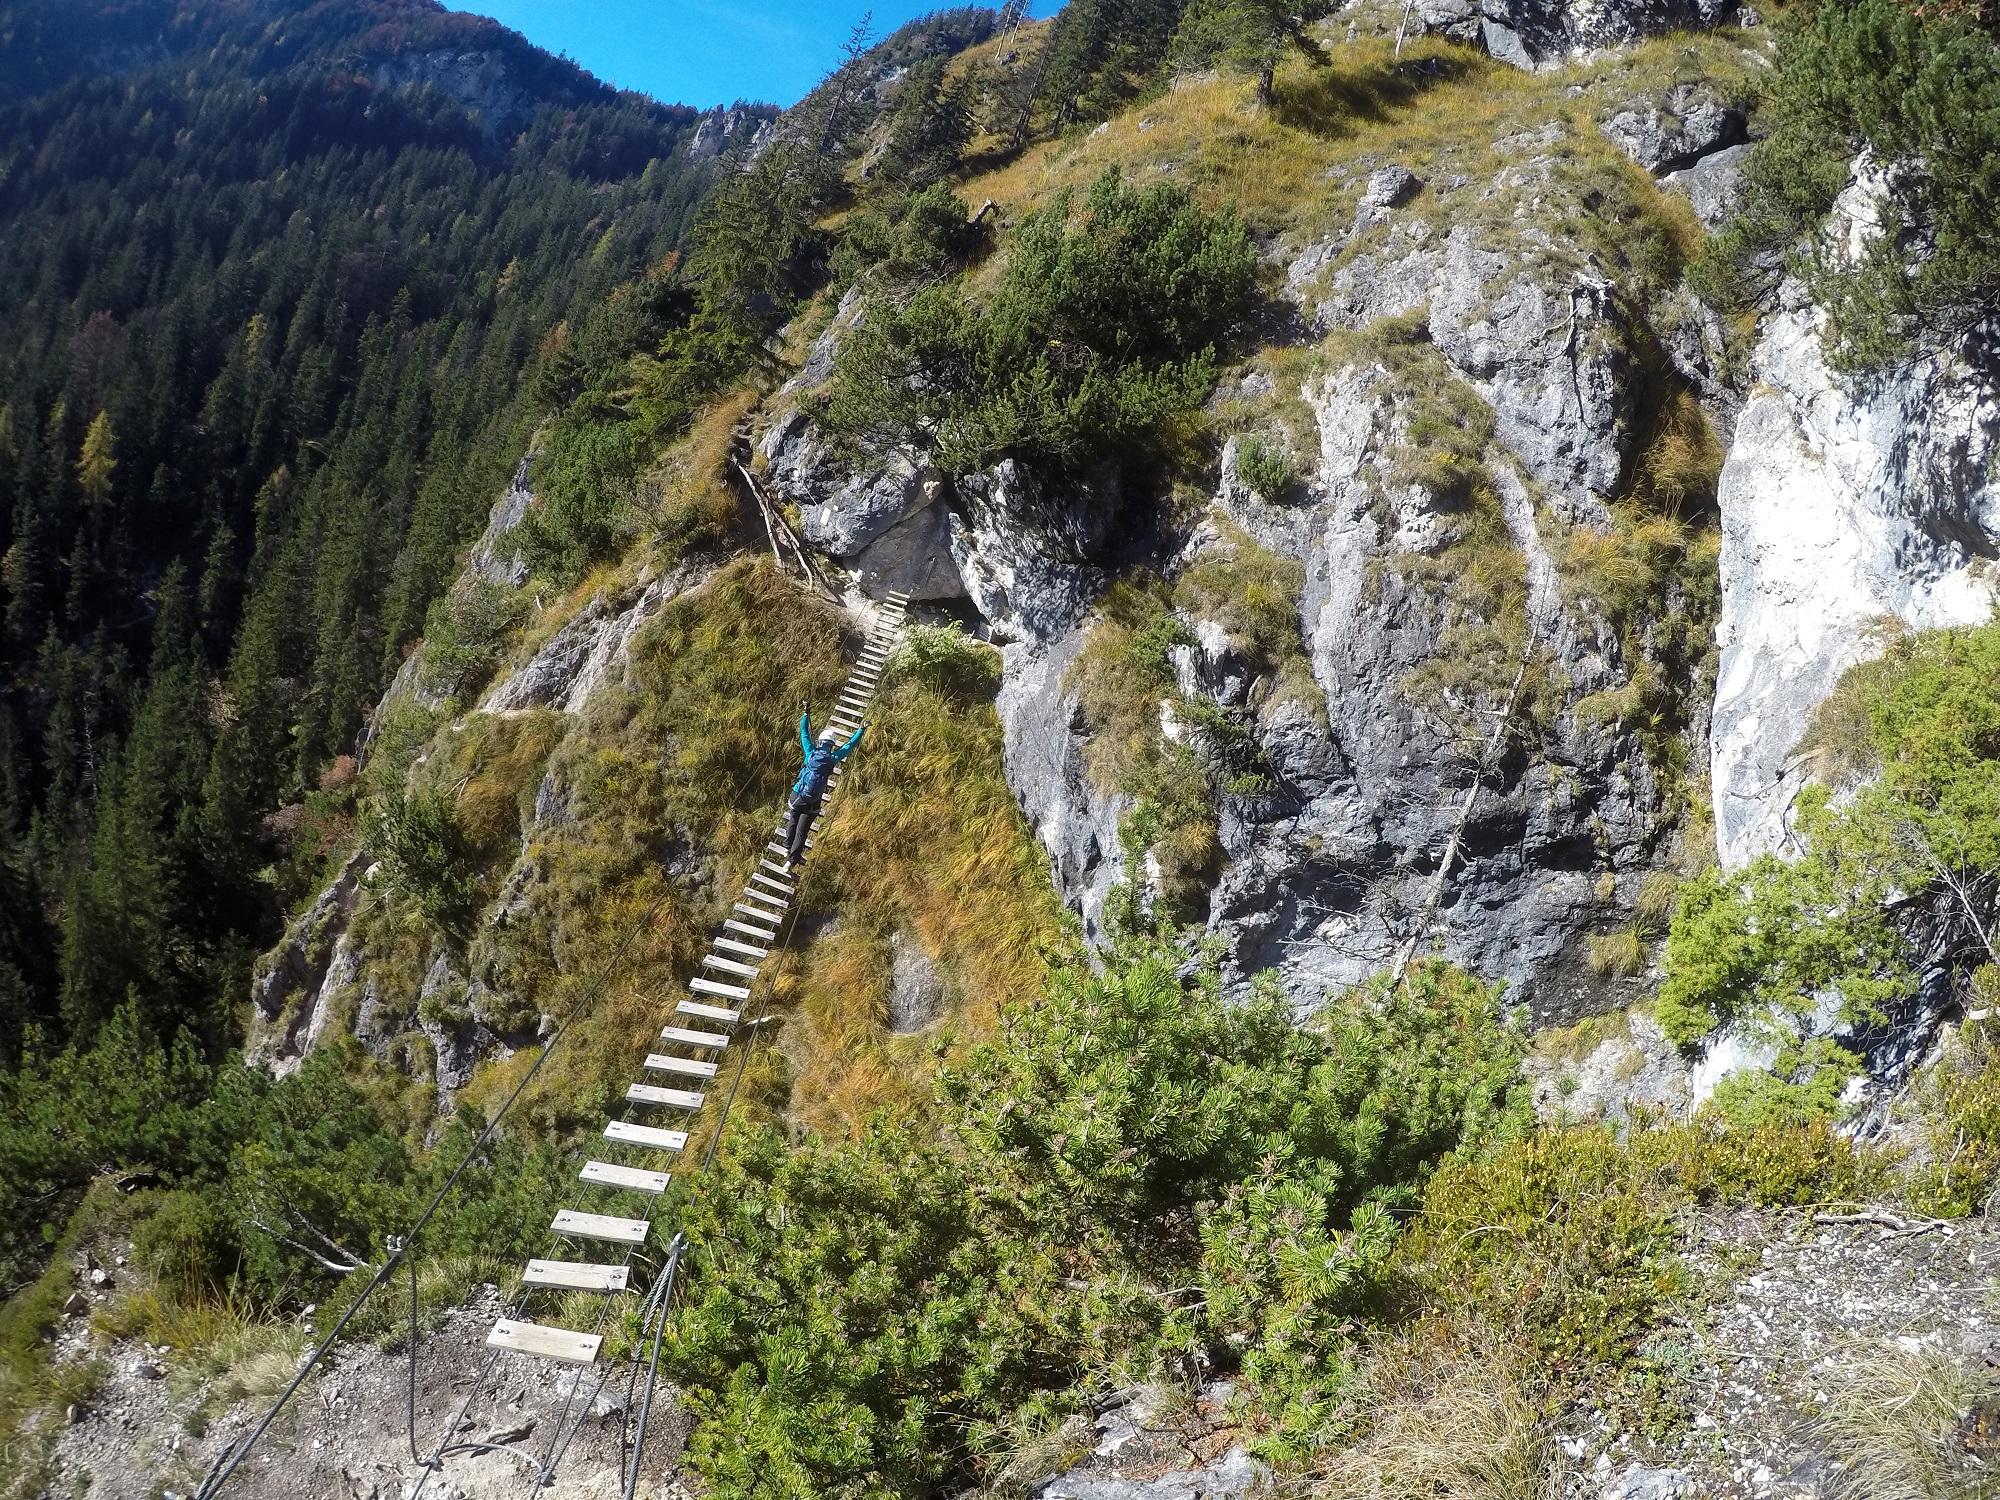 Klettersteig Croda Dei Toni : Klettersteig beschreibung montasch